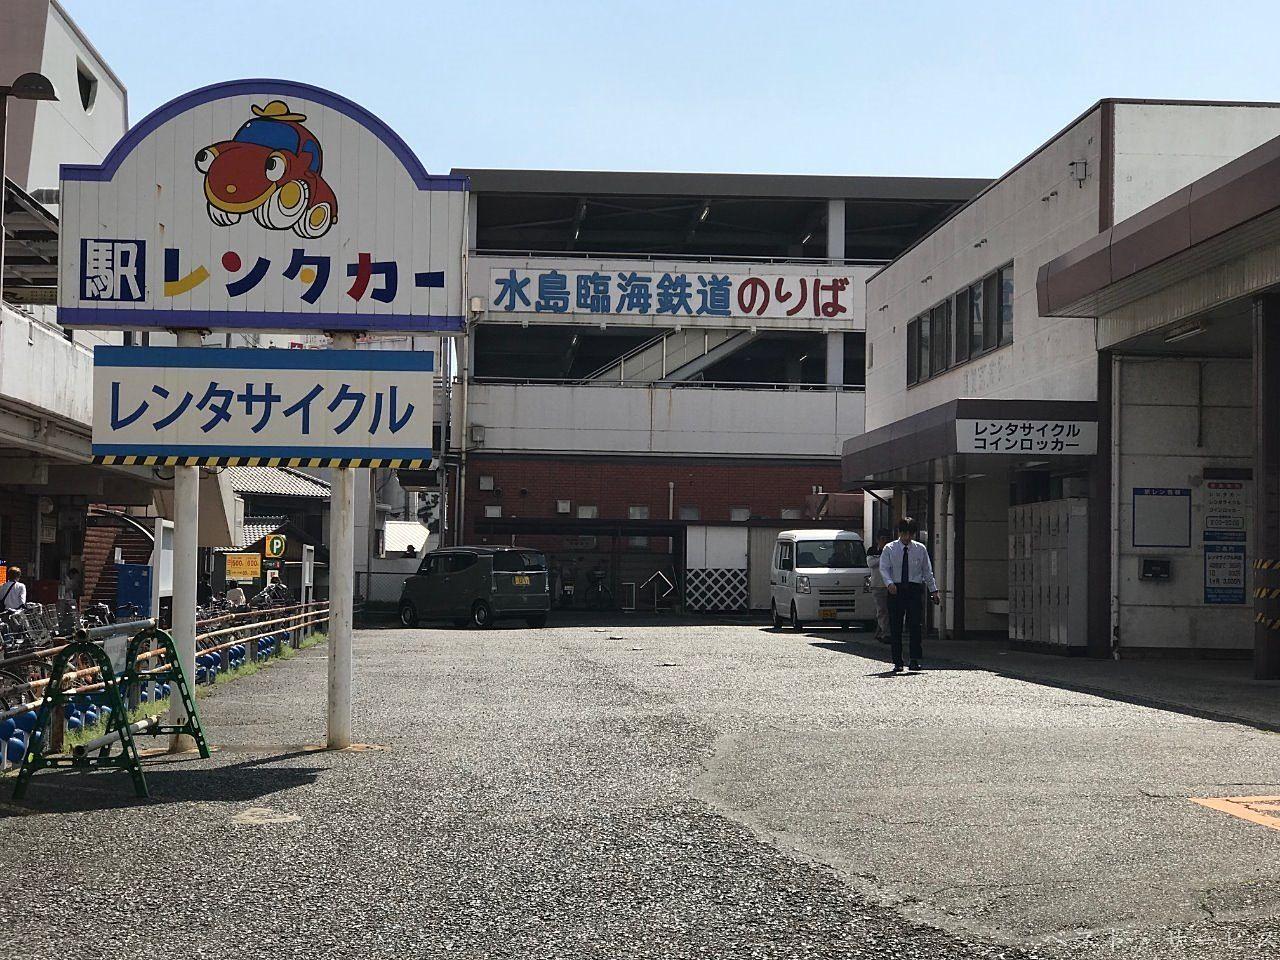 水島へつながる玄関口「倉敷市駅」